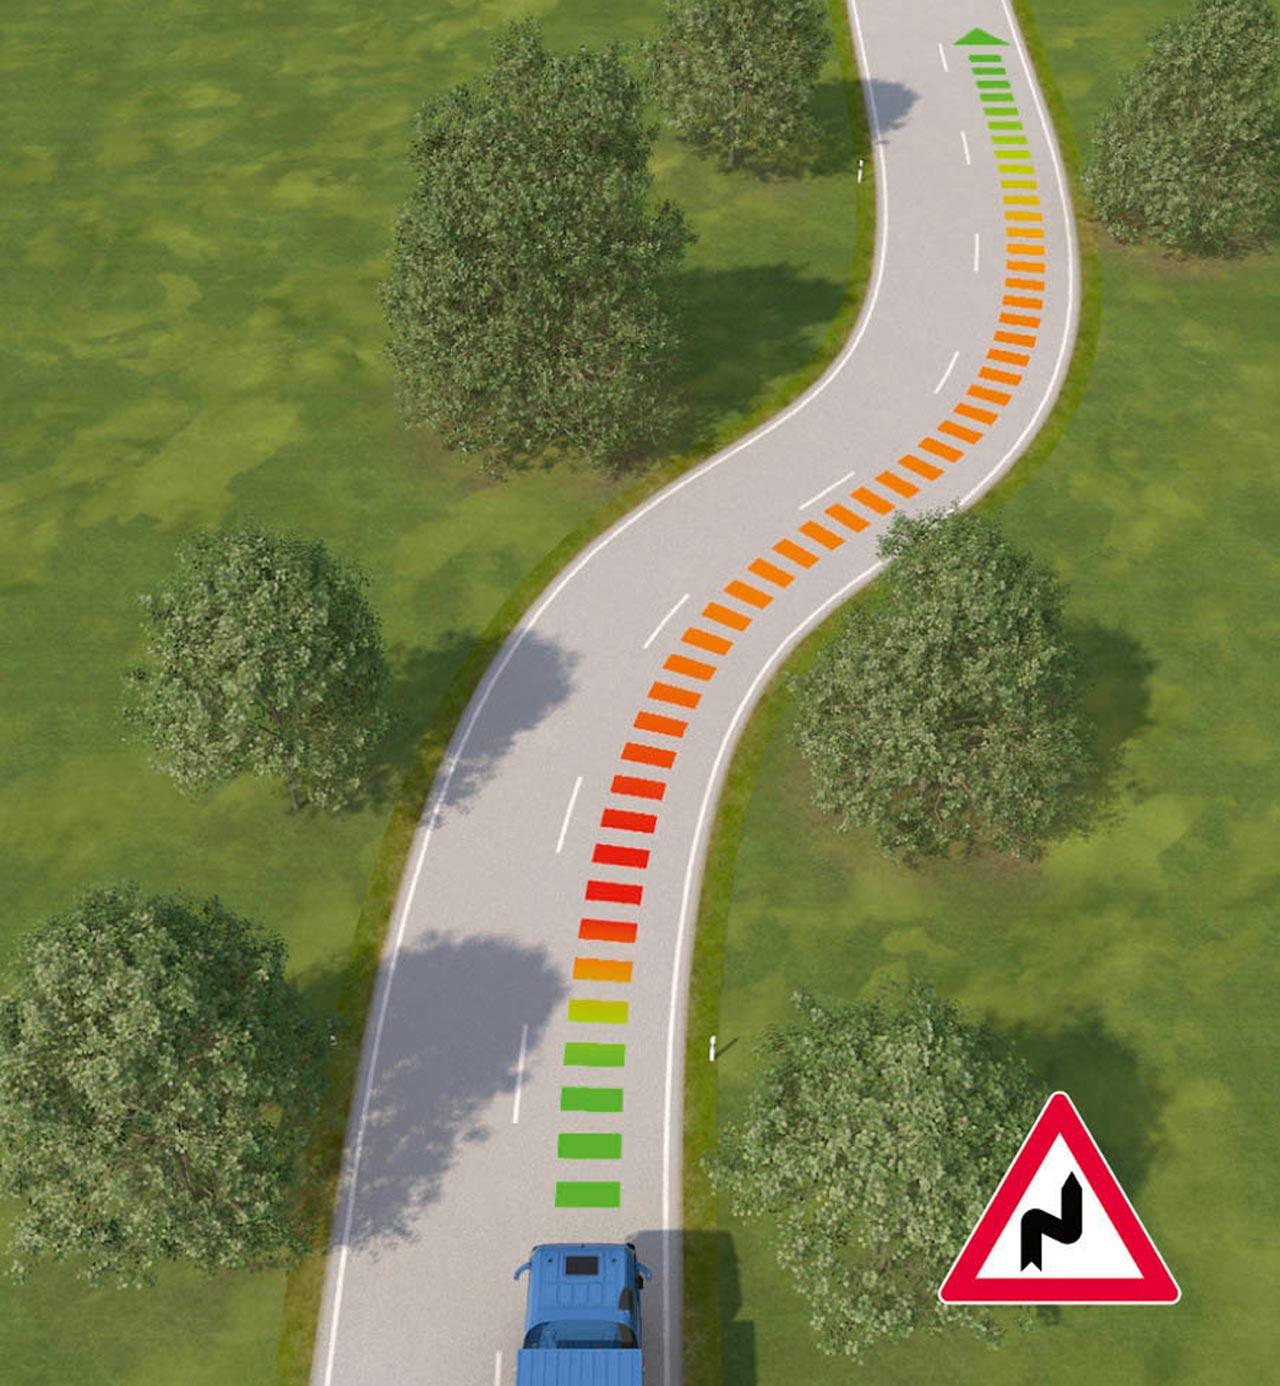 Mercedes-Benz Predictive Powertrain Control - Photo: Daimler